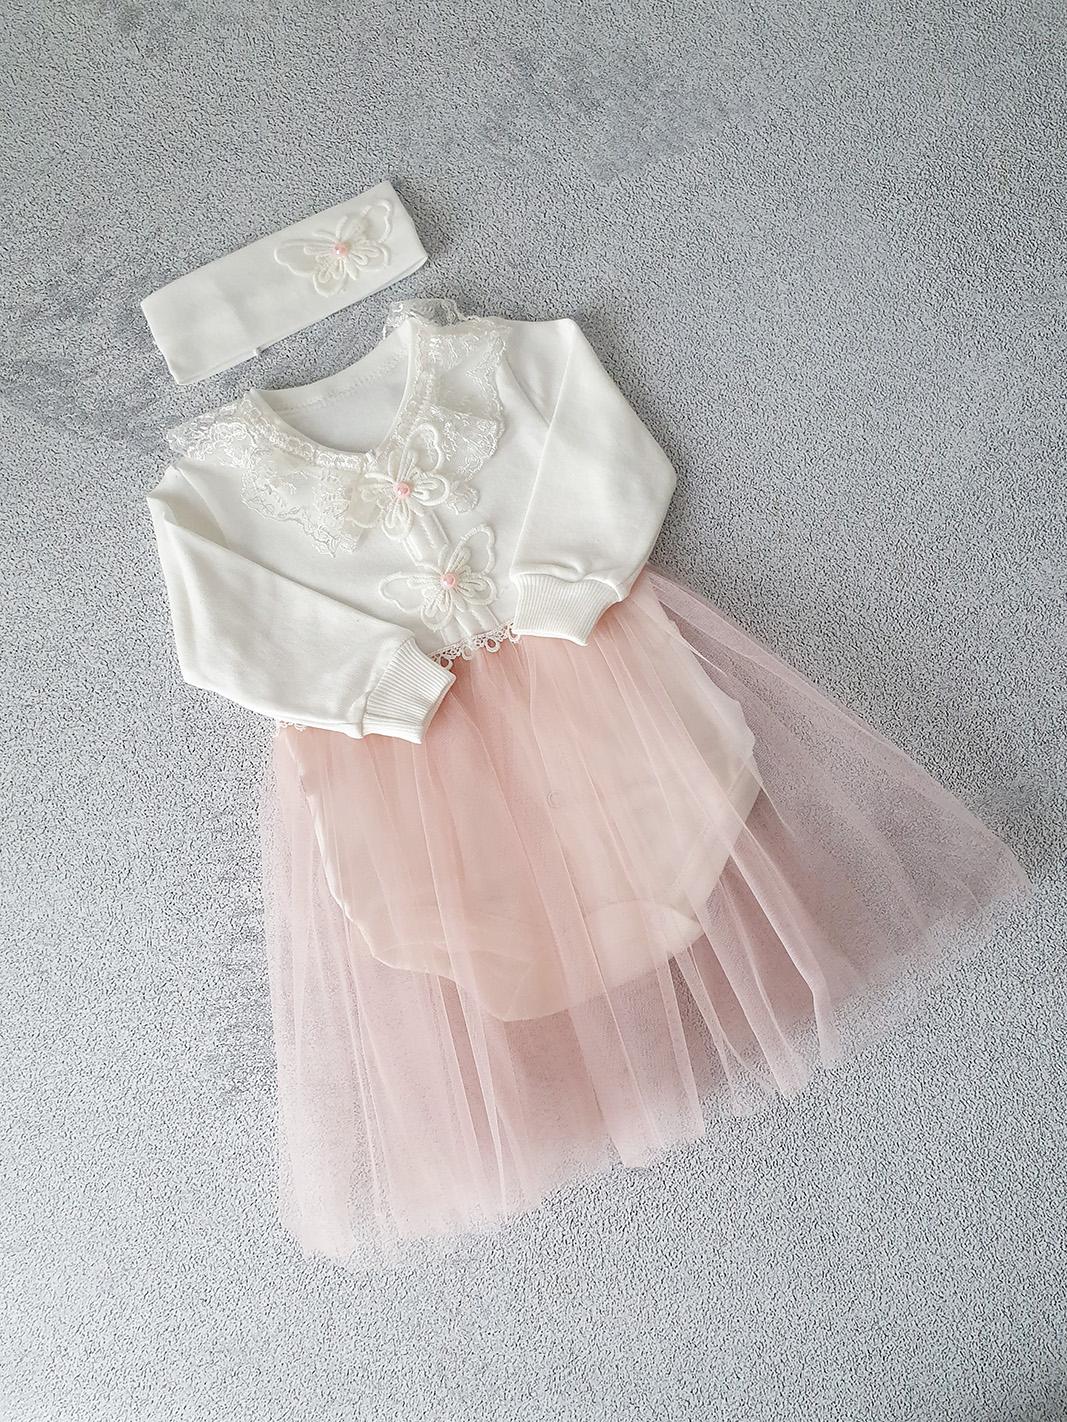 Боди-платье с повязкой р.62